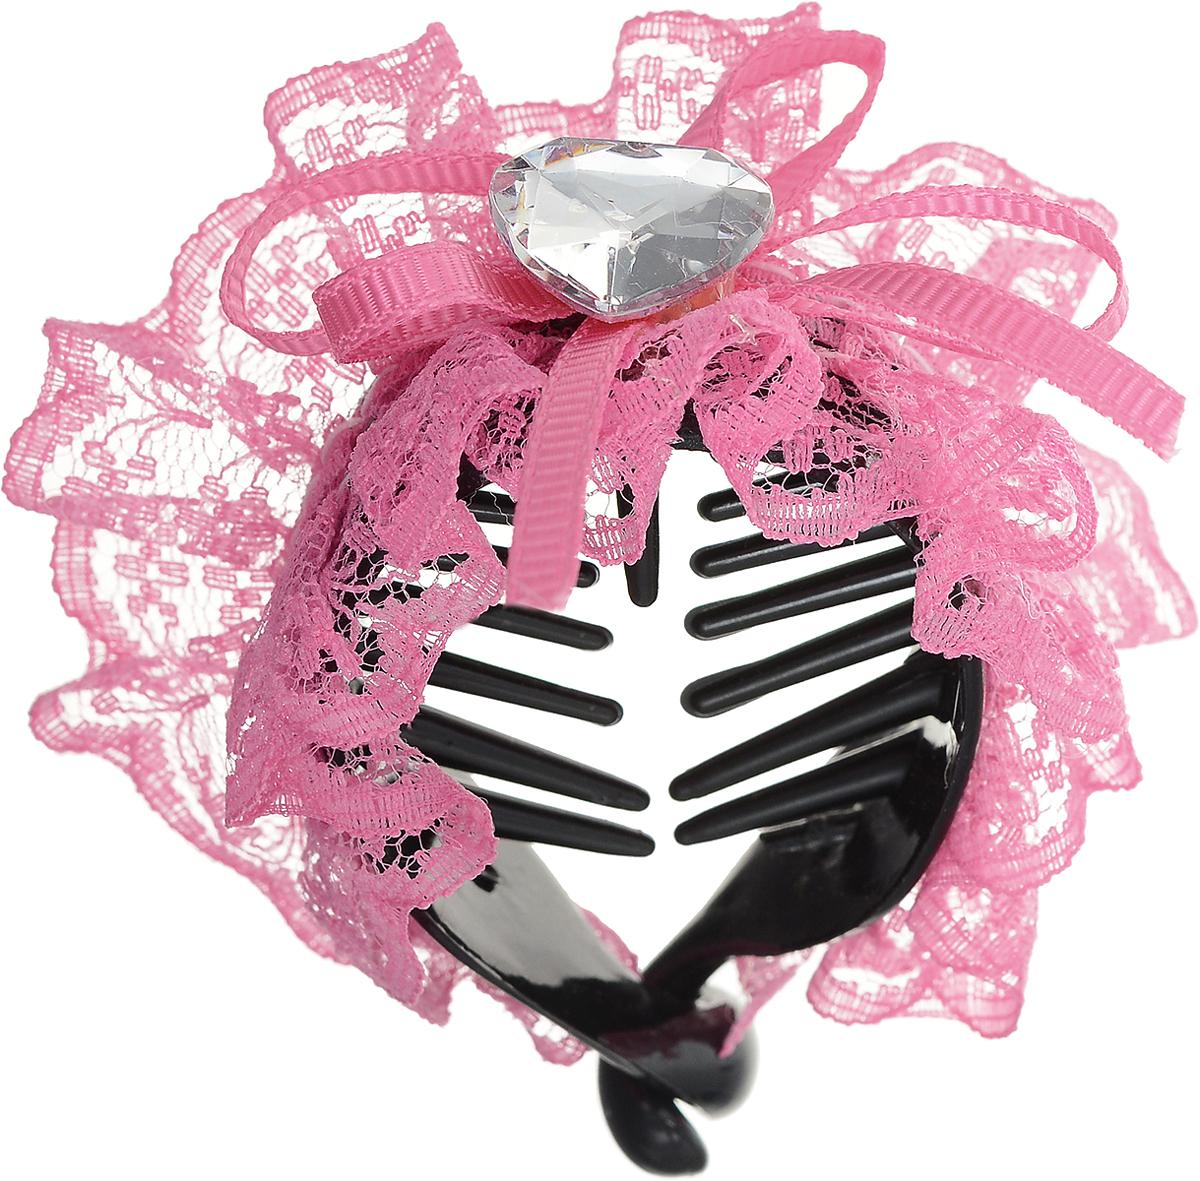 Зажим для волос Mitya Veselkov, цвет: розовый. 1058-PINK-DAMСерьги с подвескамиСтильный зажим для волос Mitya Veselkov изготовлен из пластика, декорирован лентой и стразом в виде сердца.